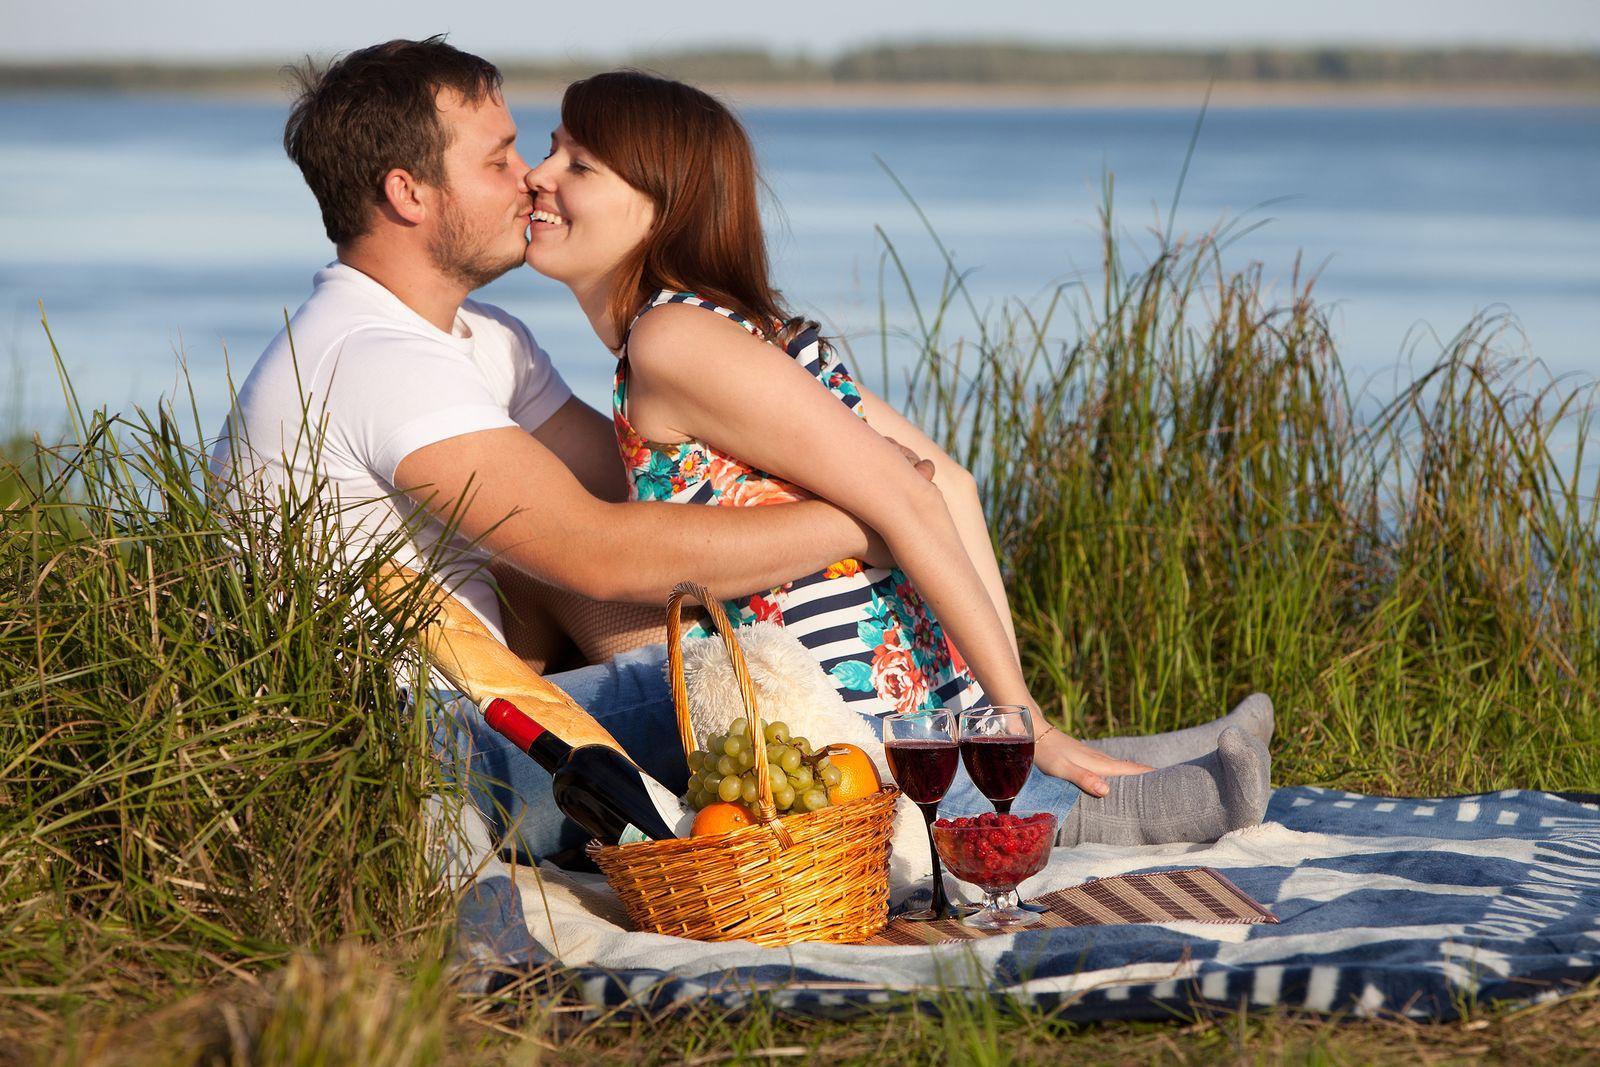 starší žena rande muž o 10 let mladší chodit s ním po dobu 2 měsíců